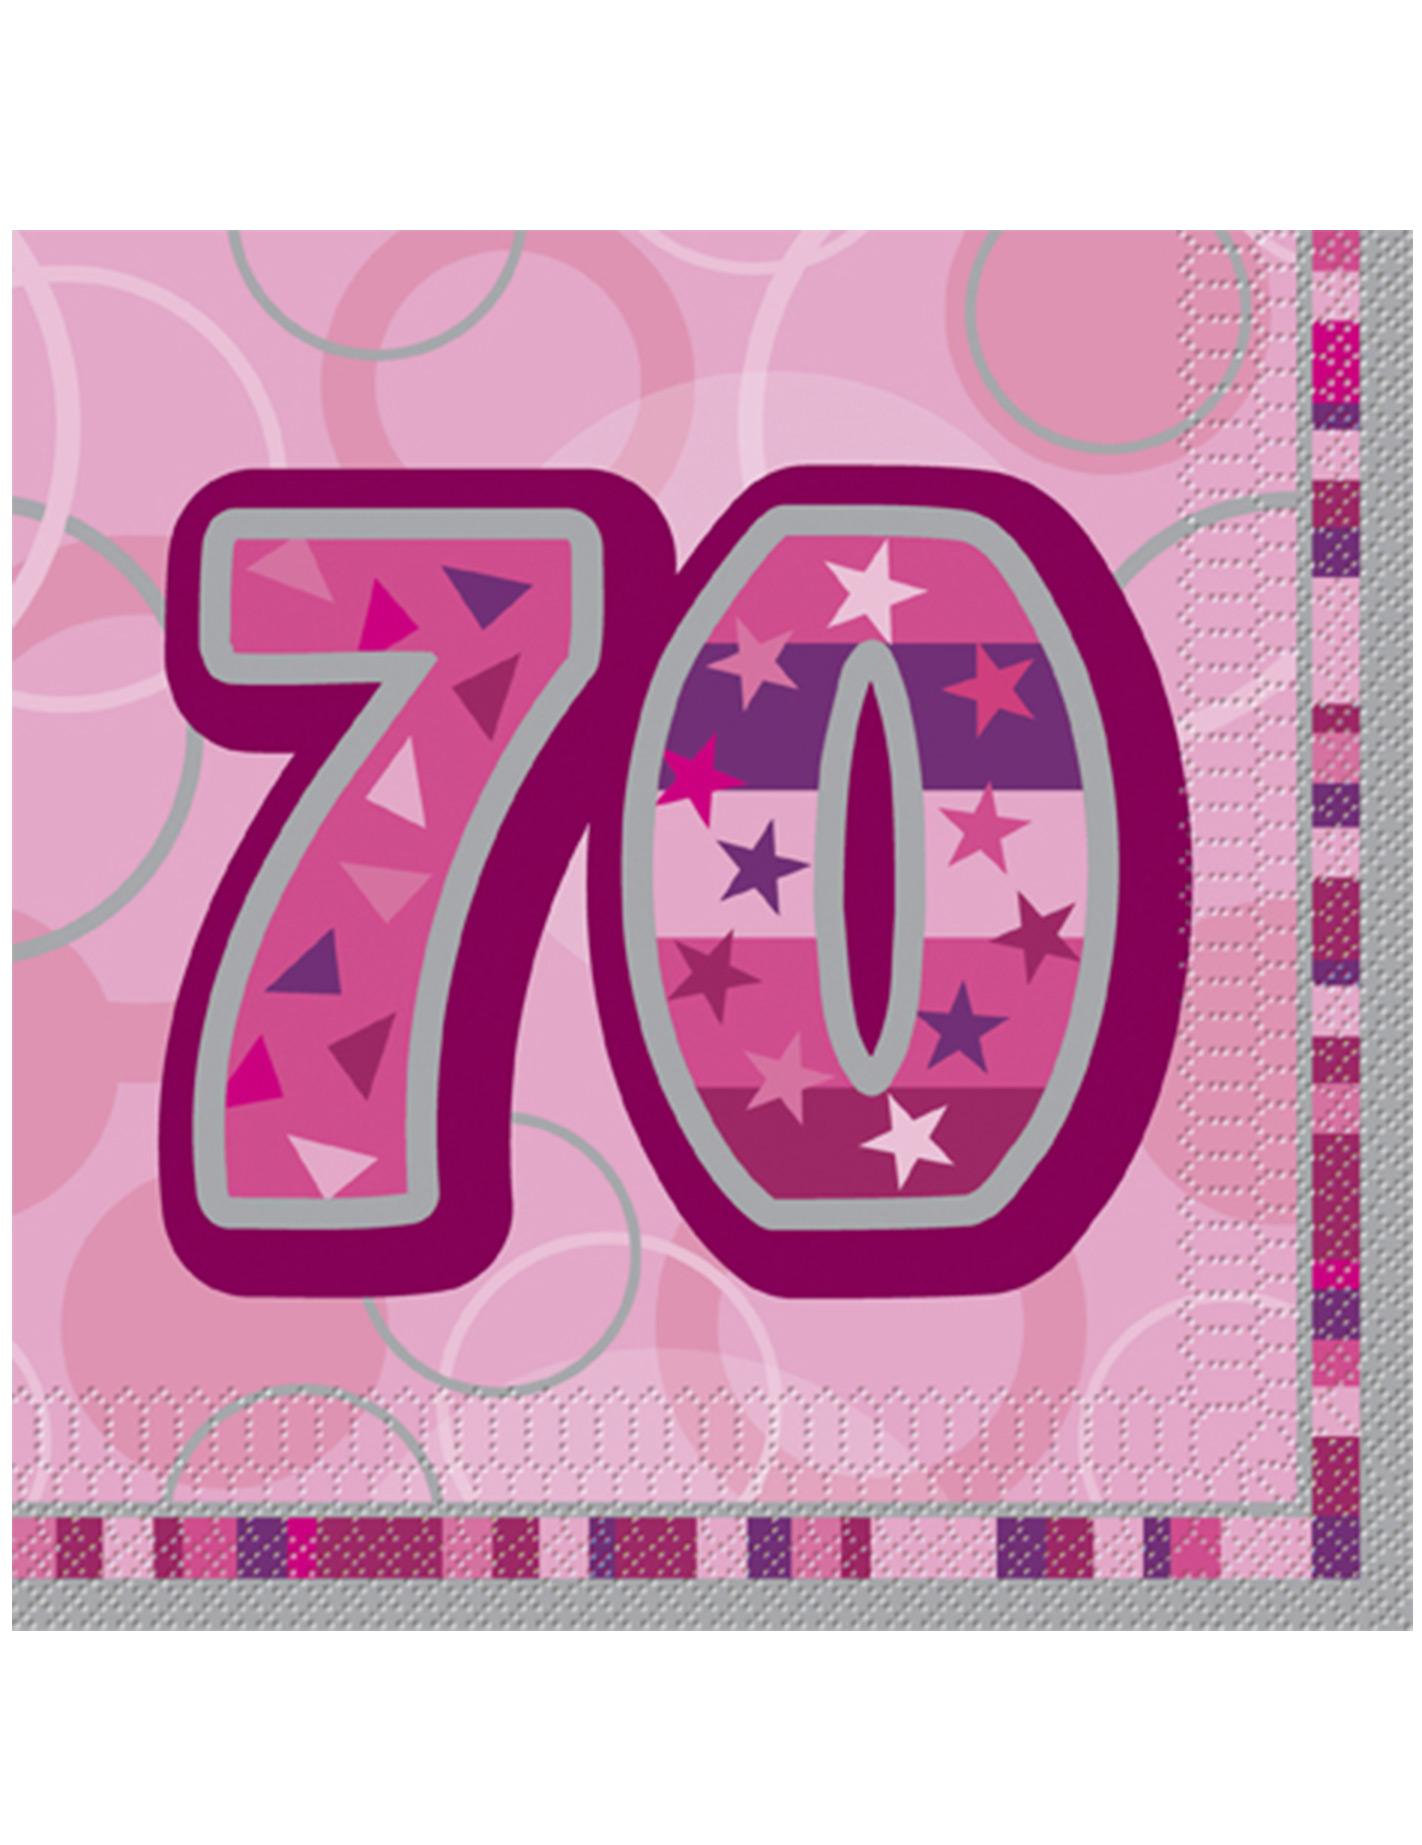 Anni 70 Colori confezione di 16 tovaglioli per i 70 anni di compleanno